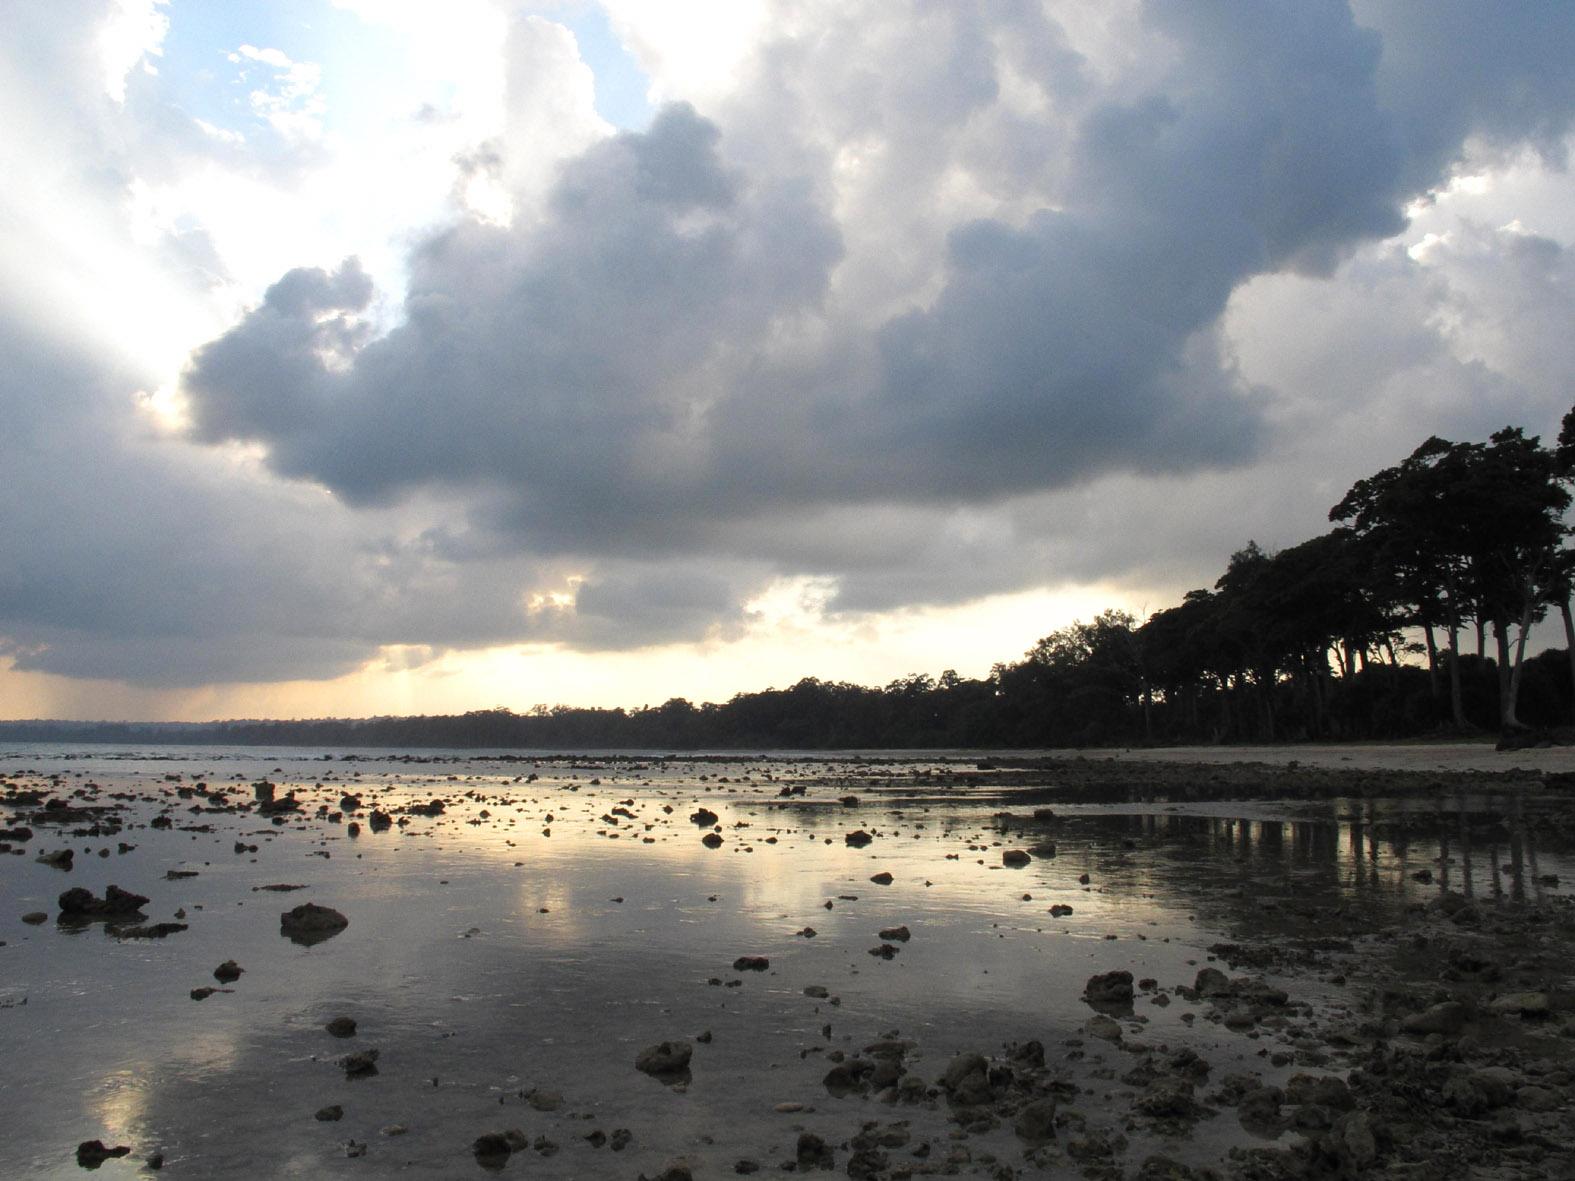 foto van een meer en wolkenlucht in de avondzon